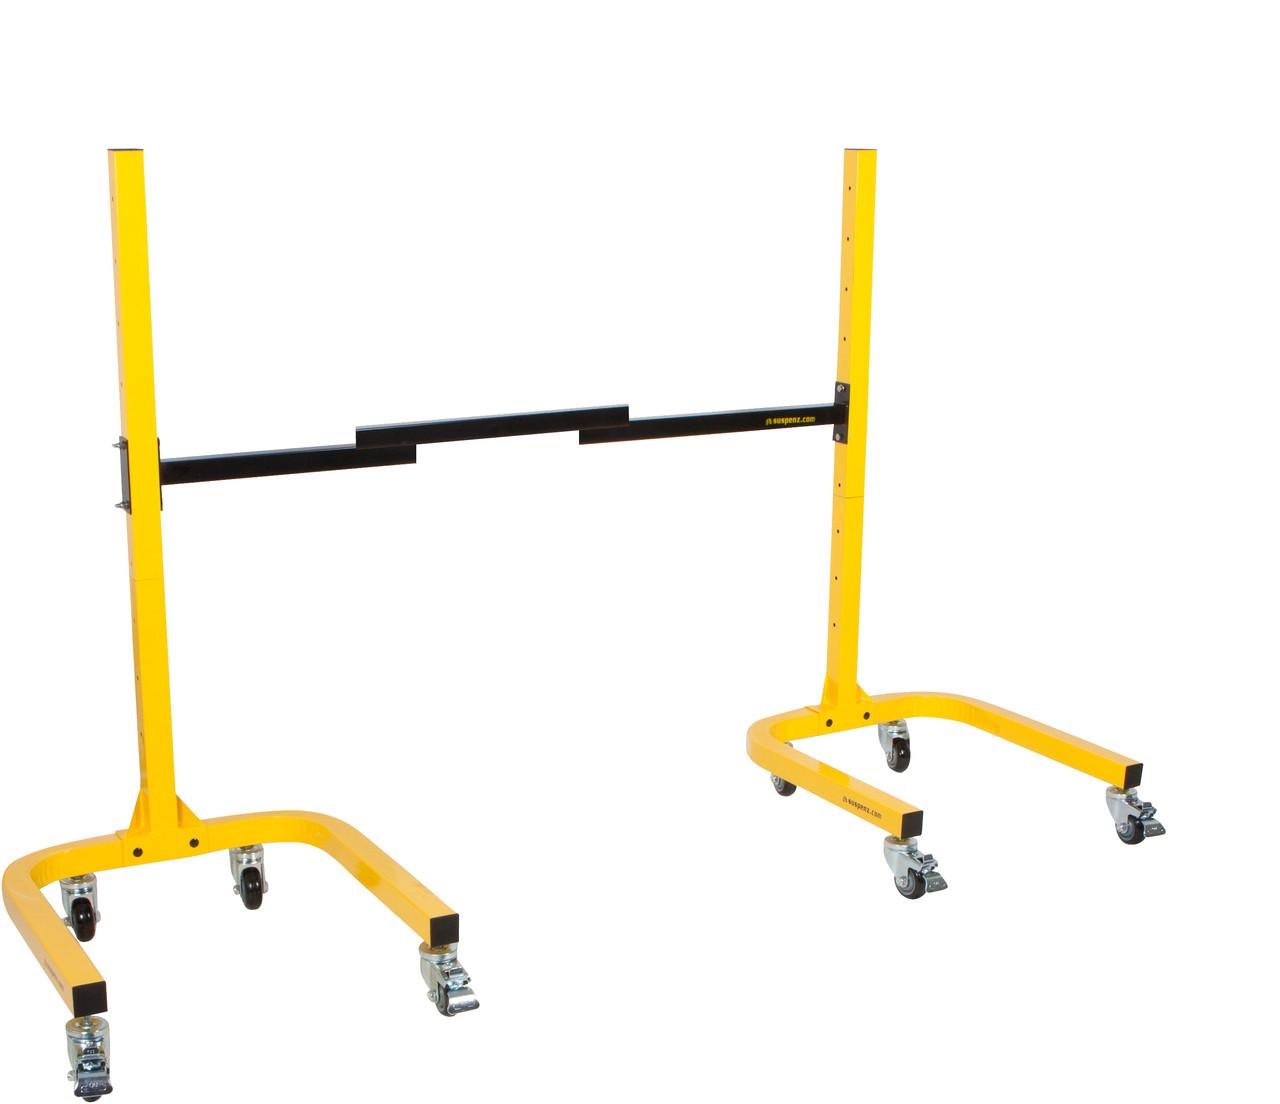 kayak rack adjustable crossbar